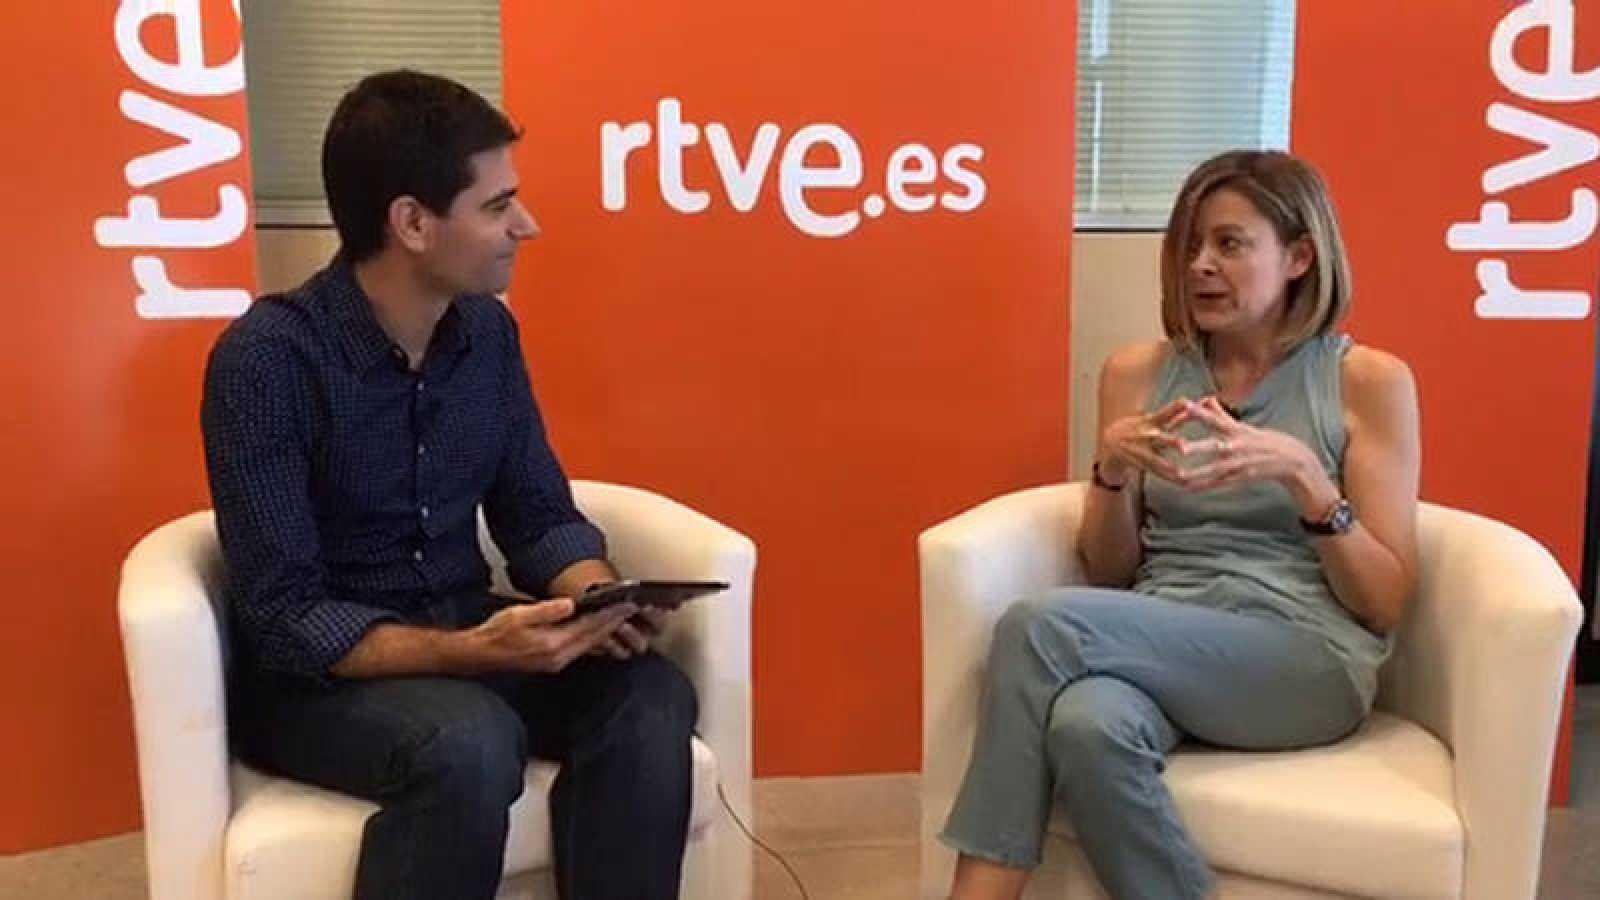 Rubén Vidal y Pepa Fernández, en un momento del videoencuentro.